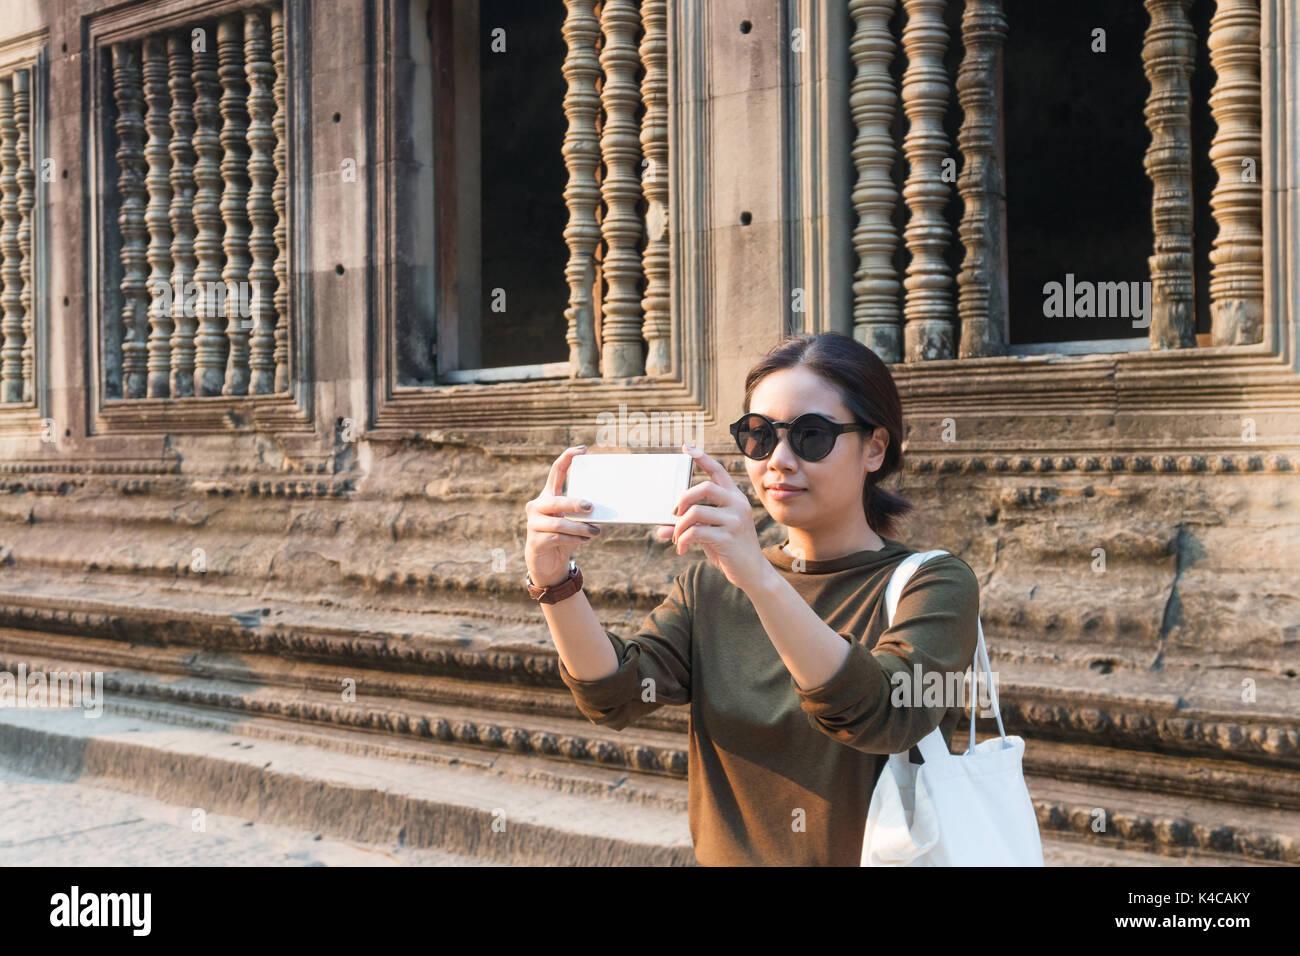 Weibliche Reisende unter Foto mit Ihrem Smartphone in Angkor Wat siem reap Kambodscha Stockbild